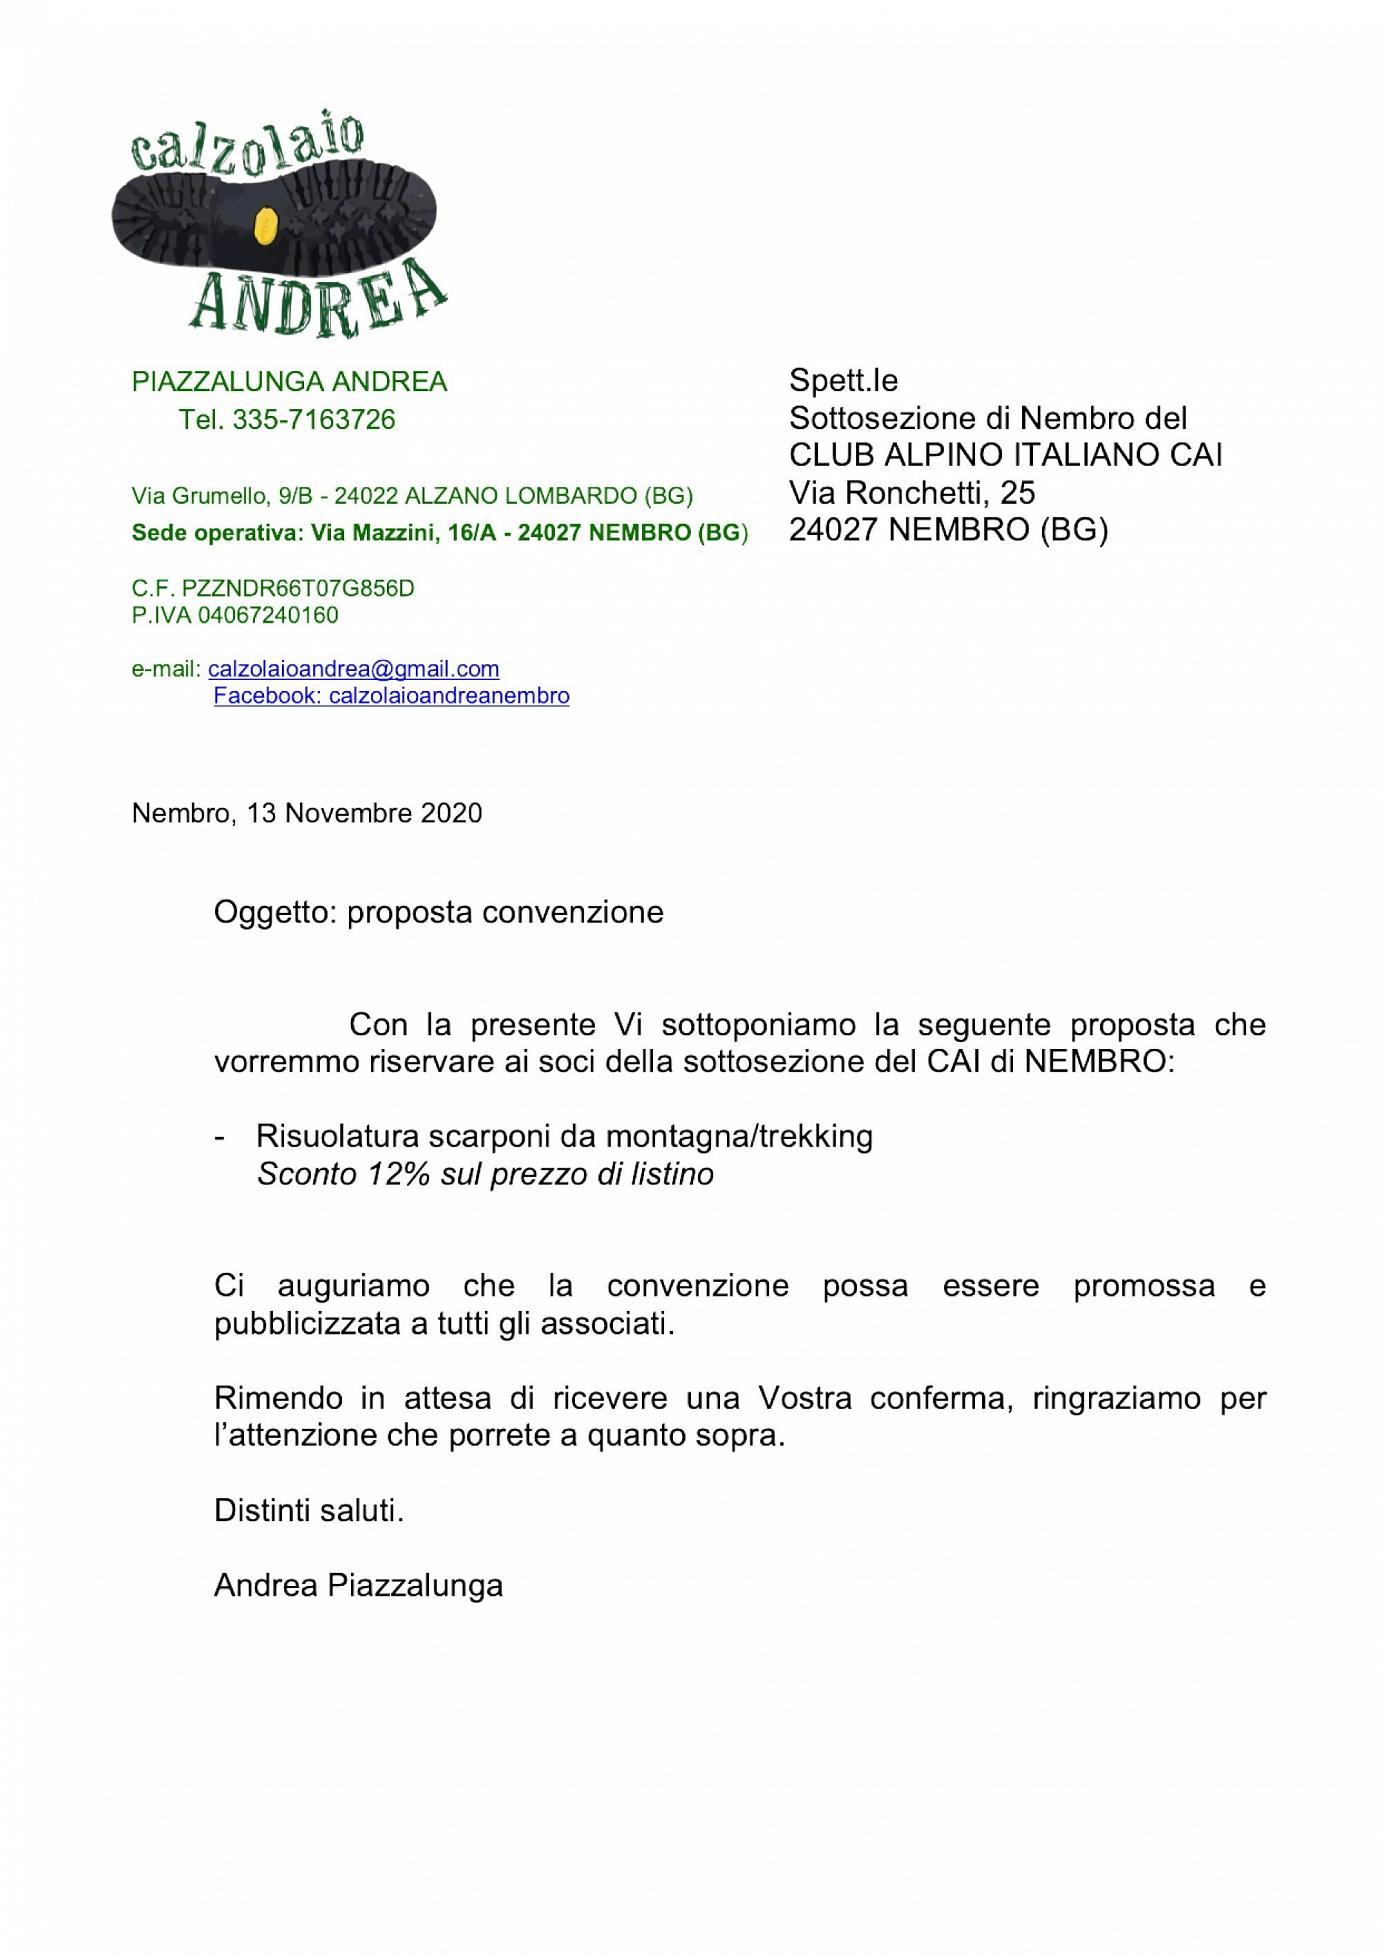 Calzolaio Andrea